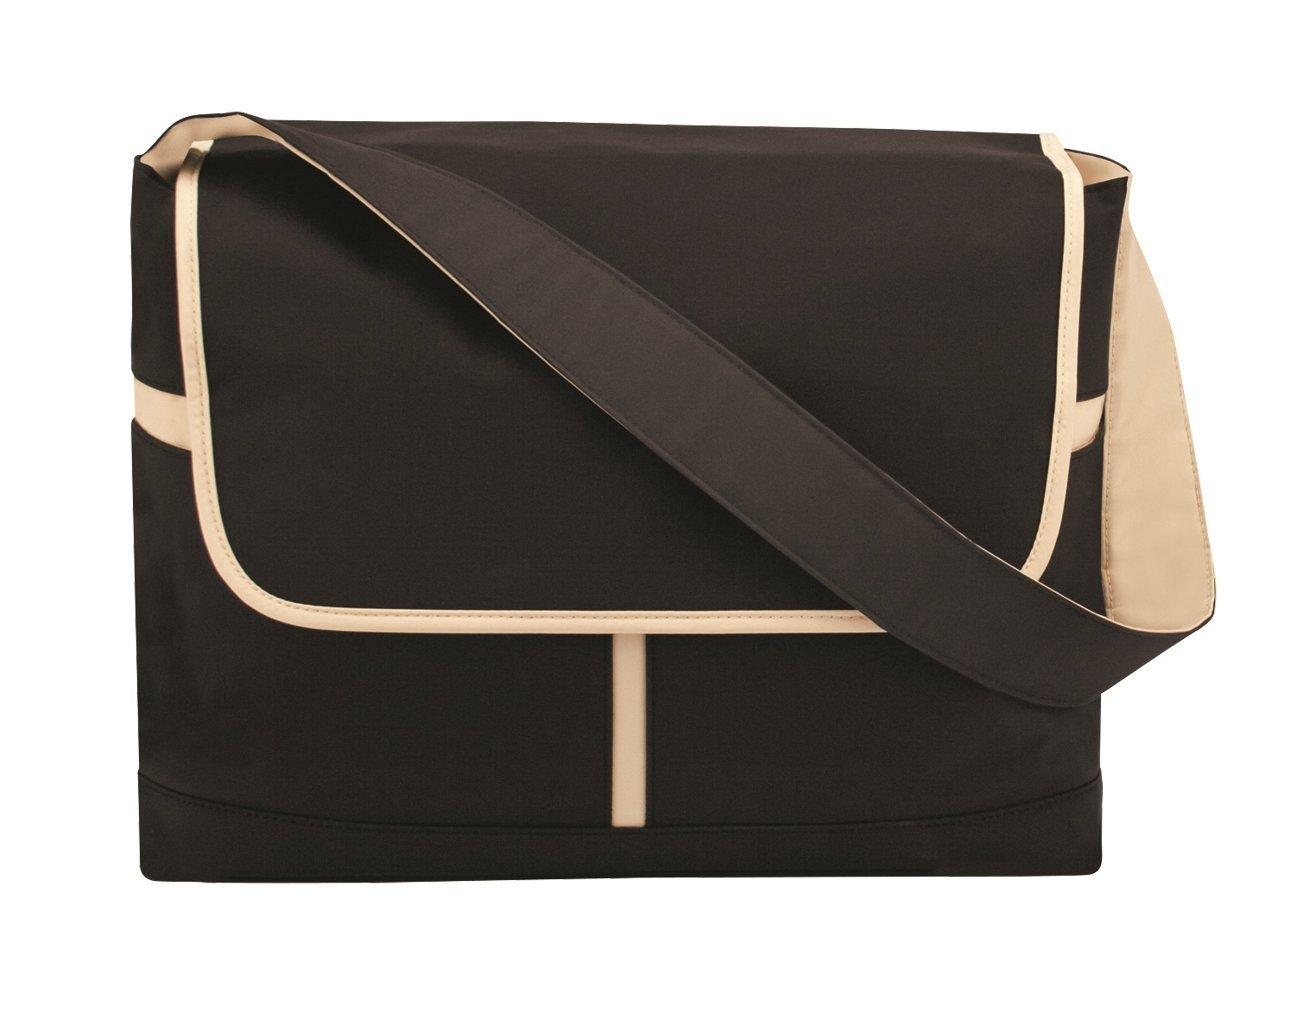 ชุดเซตกระเป๋าสะพาย พร้อมกระเป๋าเก็บความเย็น Medela Breast Pump Messenger Bag with Accessory Kit for Pump In Style พร้อมเจลรักษาความเย็น และอะไหล่ปั๊มนมครบชุด